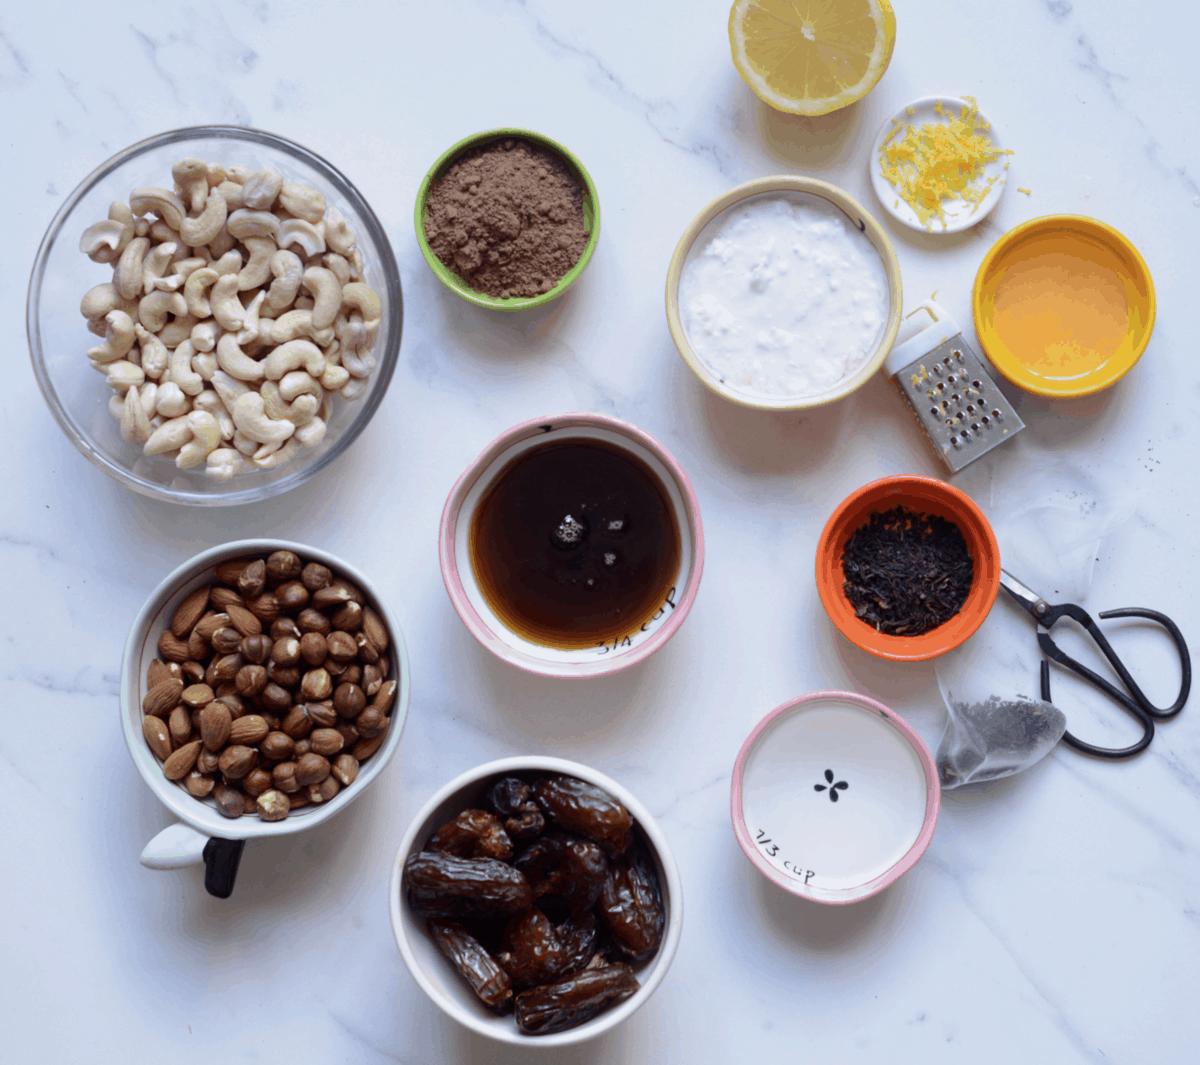 Ingredients for No Bake Vegan Cheesecake